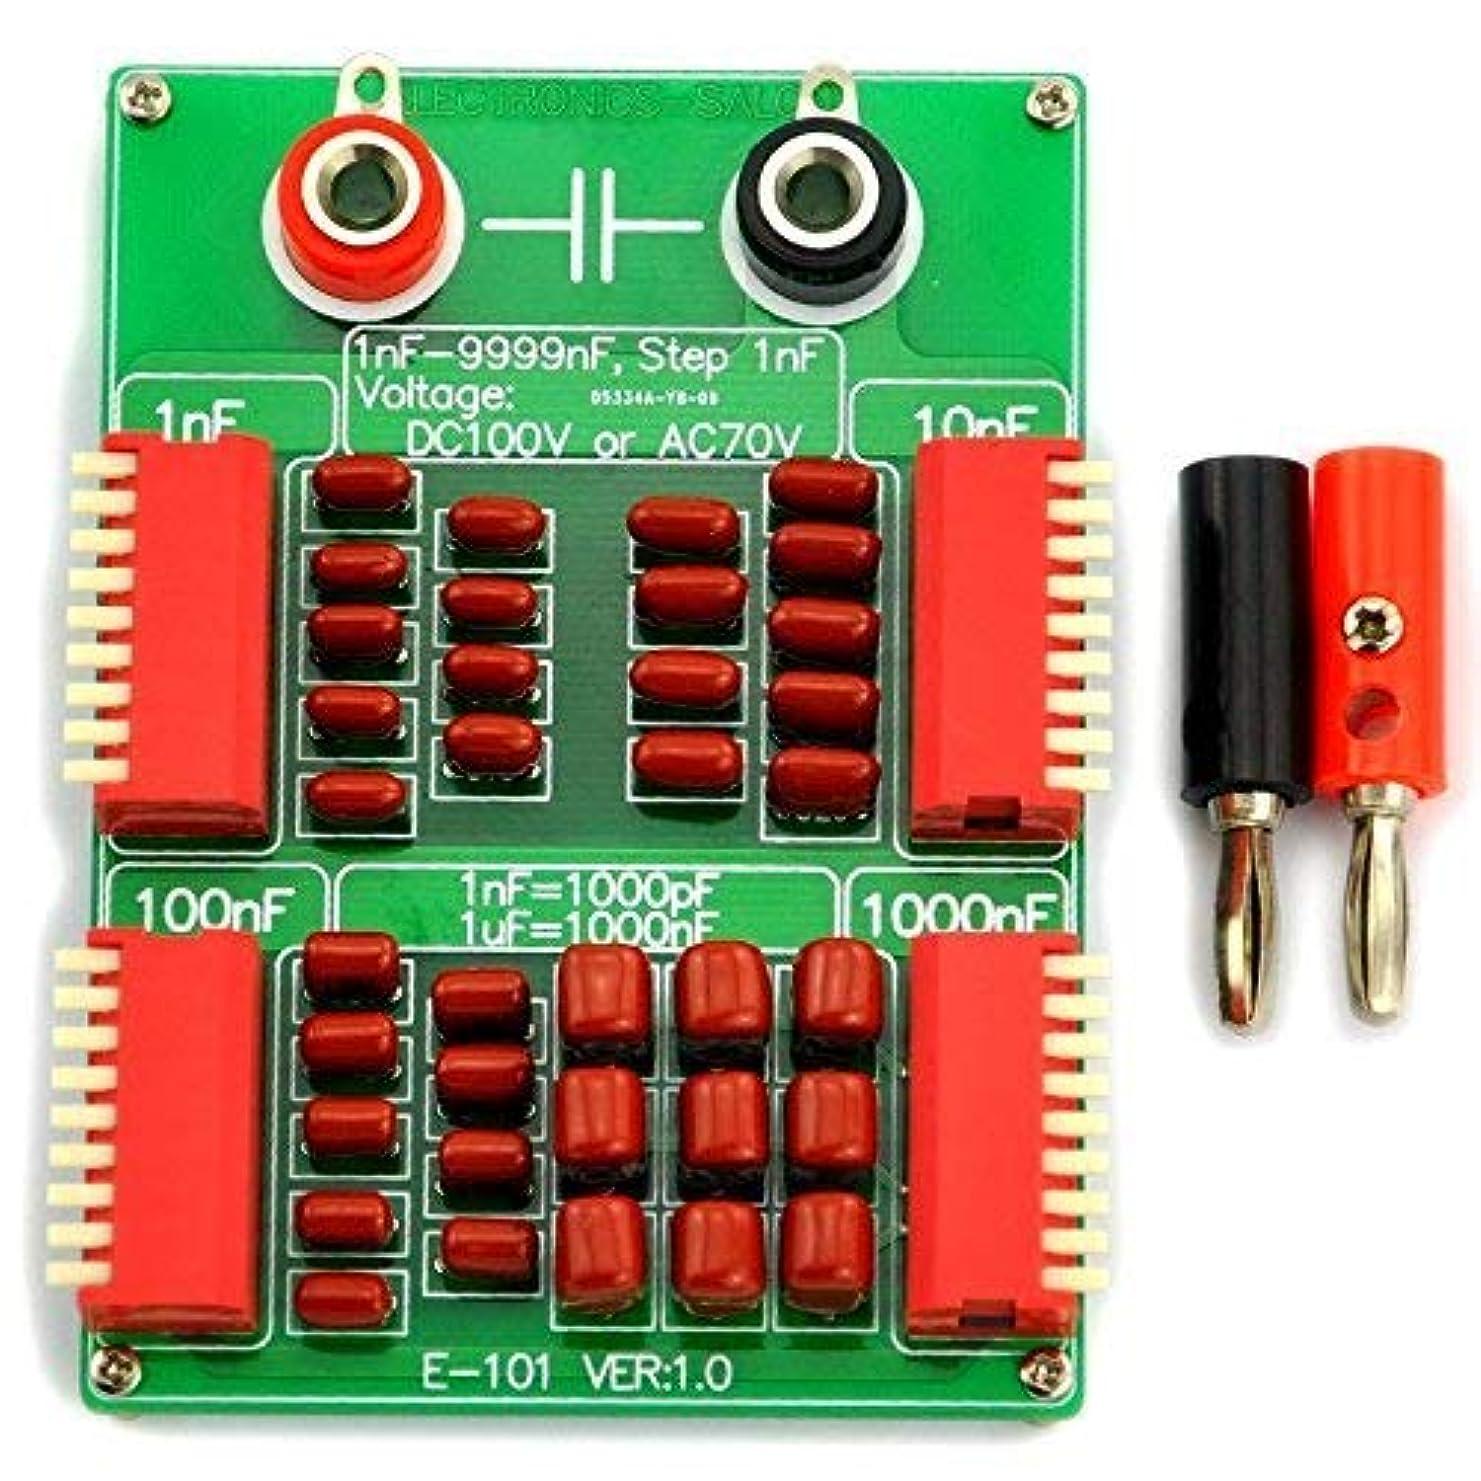 発症年金受給者イデオロギーElectronics-Salon 9999nfステップ-1nF 4十年 プログラム可能なコンデンサ?ボードに1nF